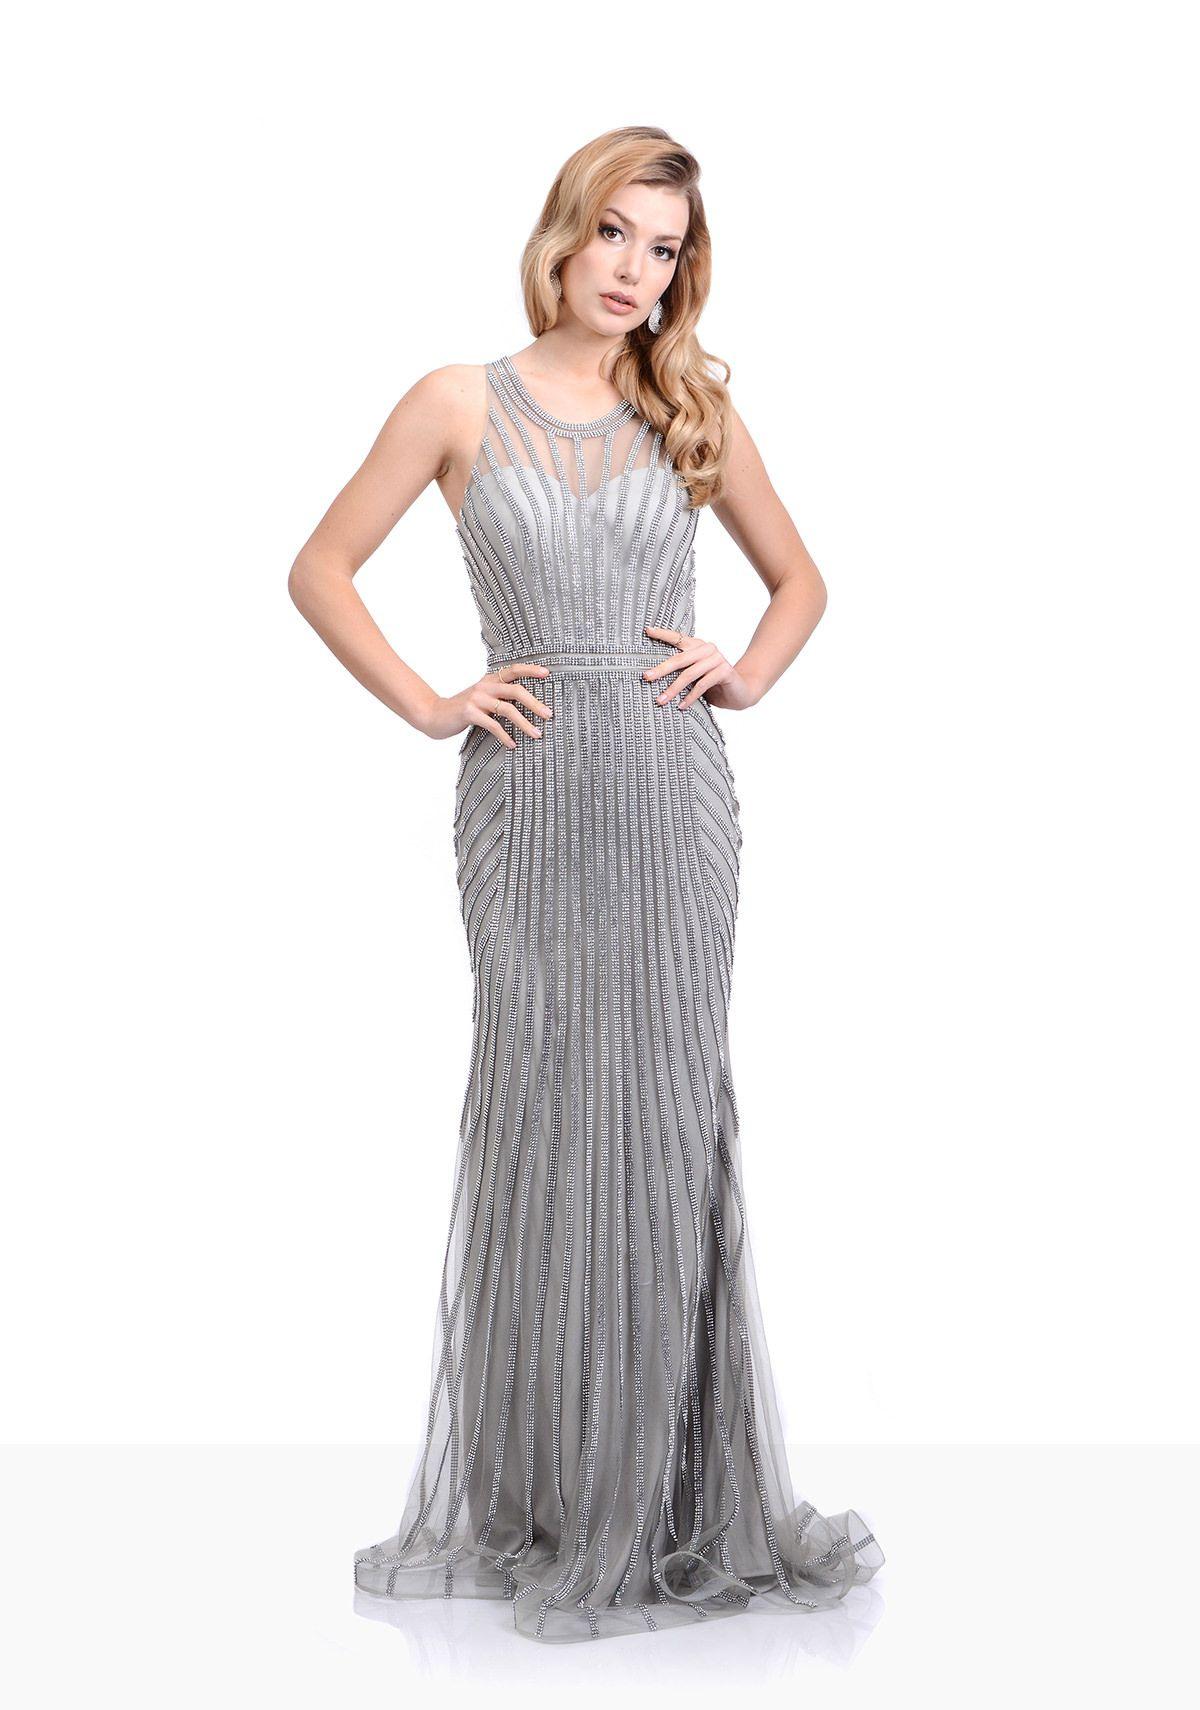 13 Coolste Abendkleid Besonders VertriebFormal Luxurius Abendkleid Besonders für 2019